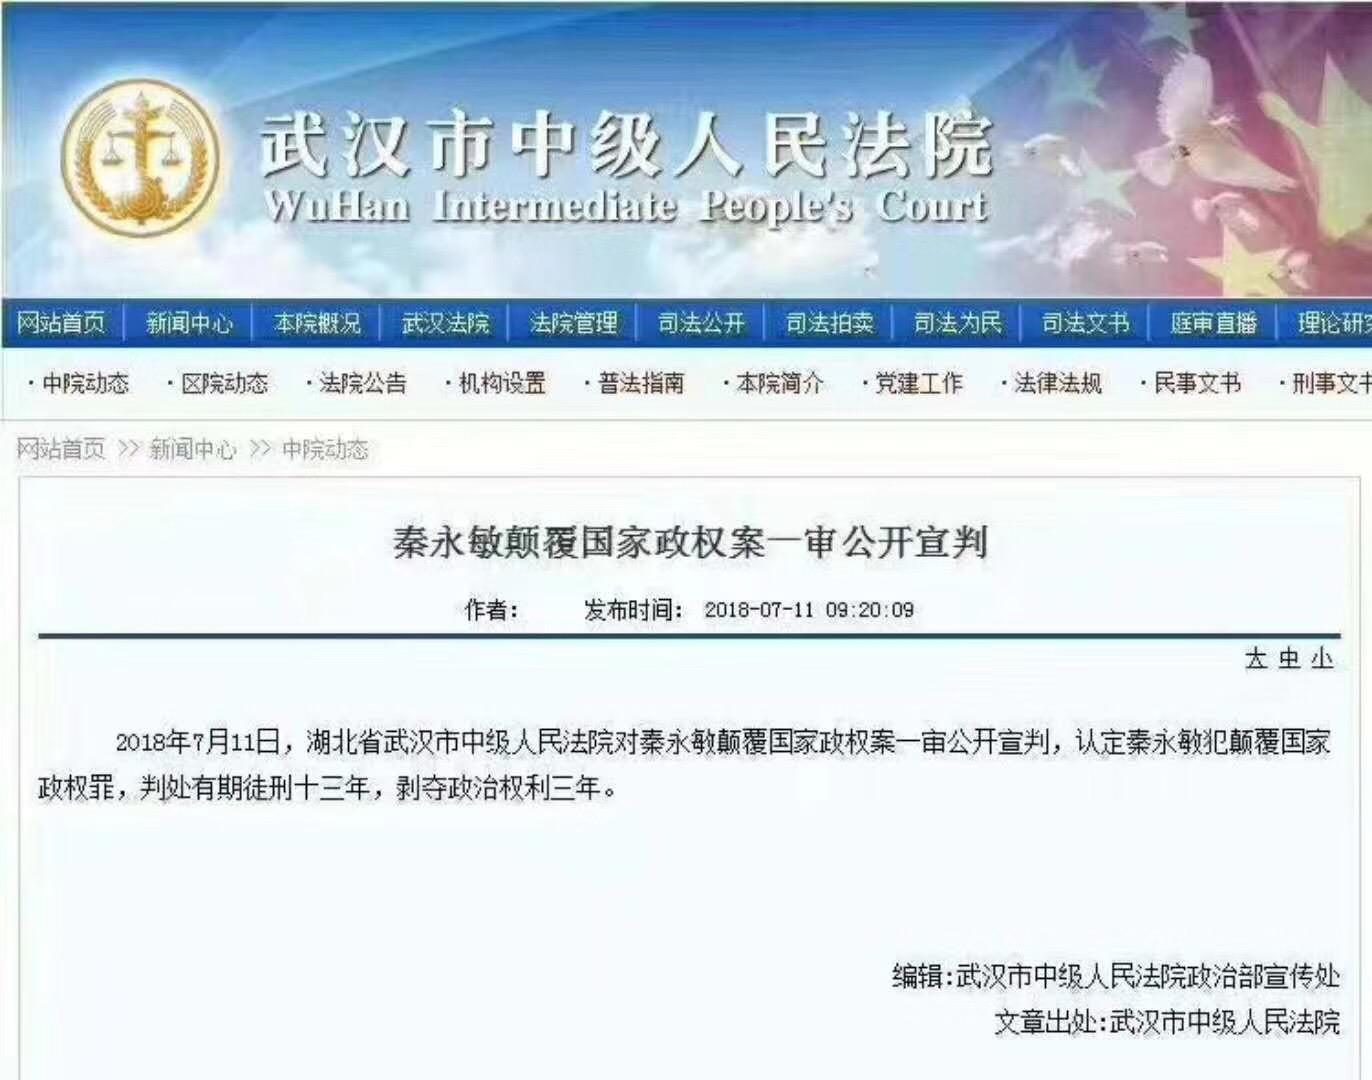 维权网 | 秦永敏被以颠覆政权罪判处有期徒刑13年